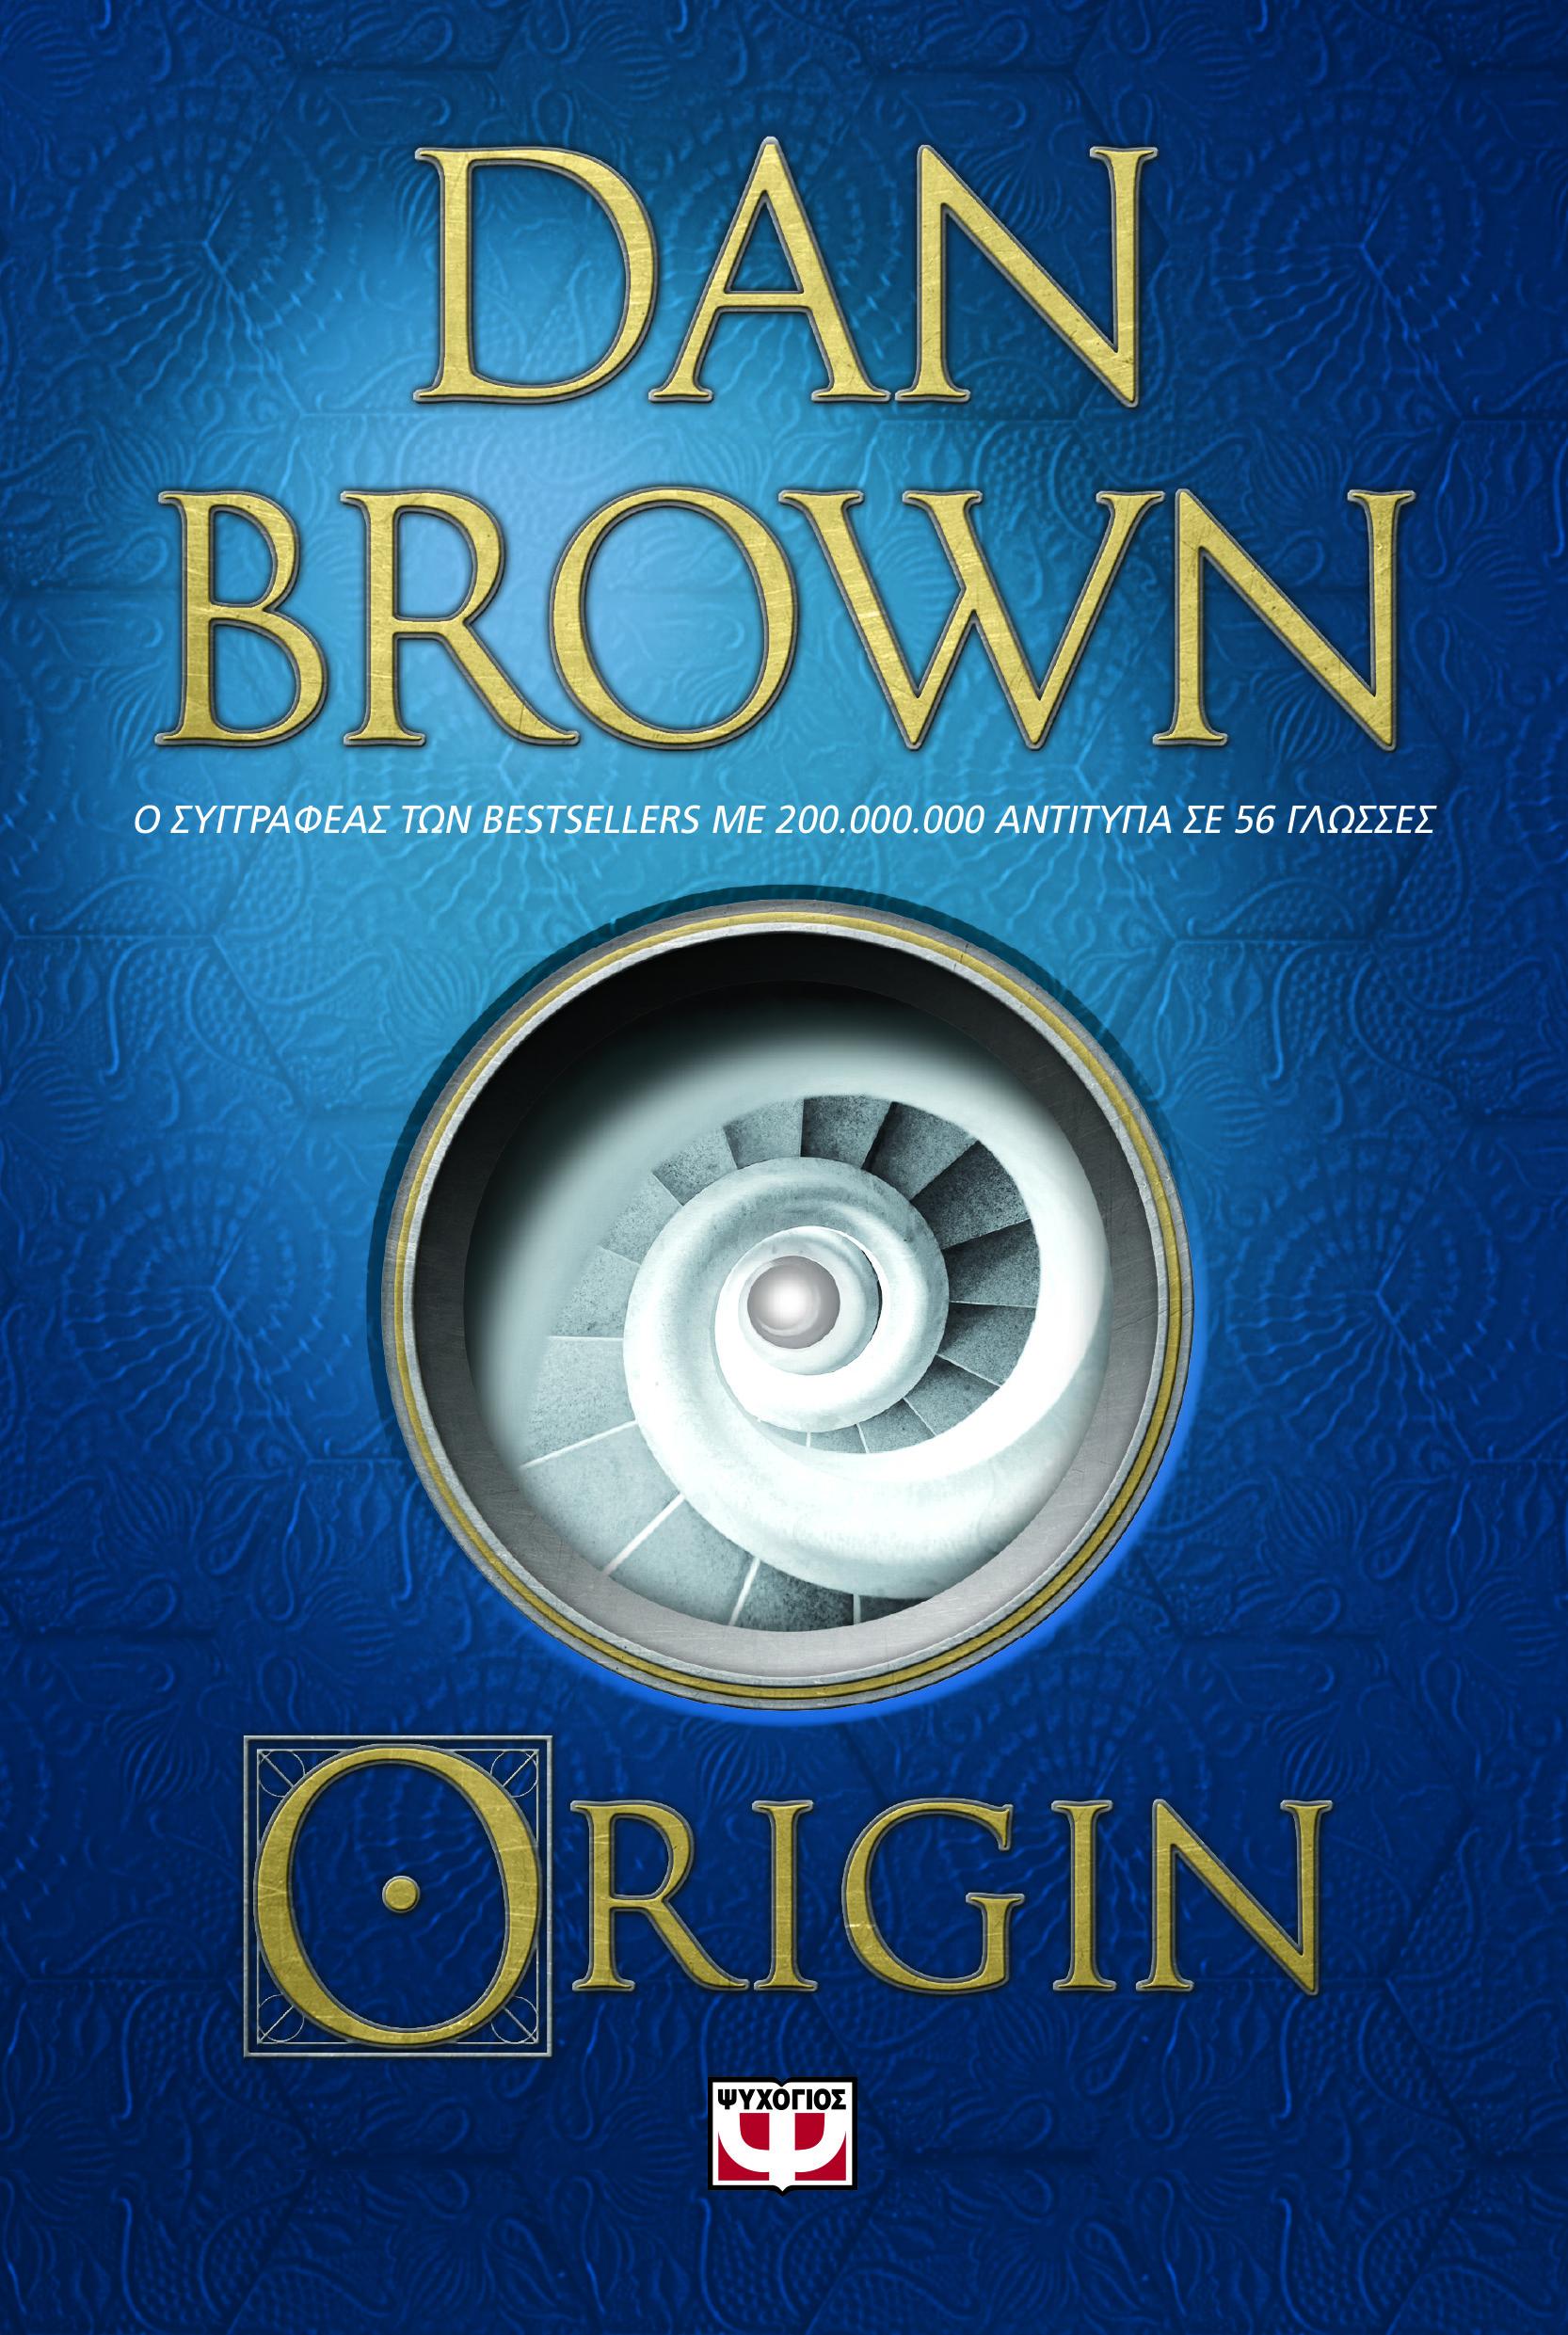 100 The Lost Symbol Dan Brown Hardback Books Dan Brown